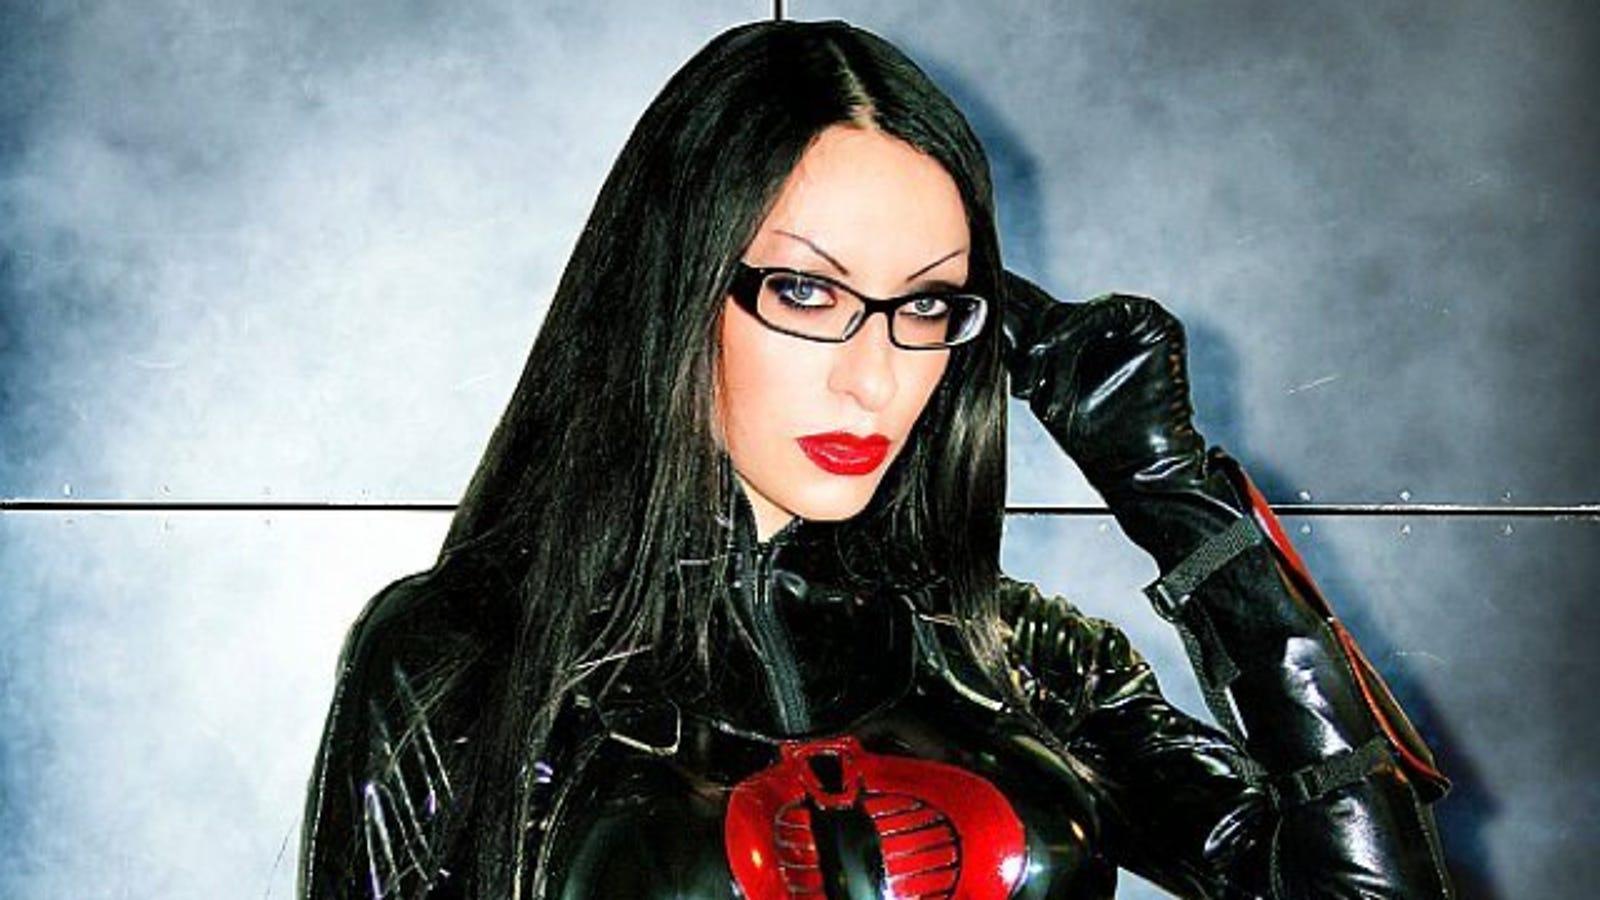 gi joe baroness porn